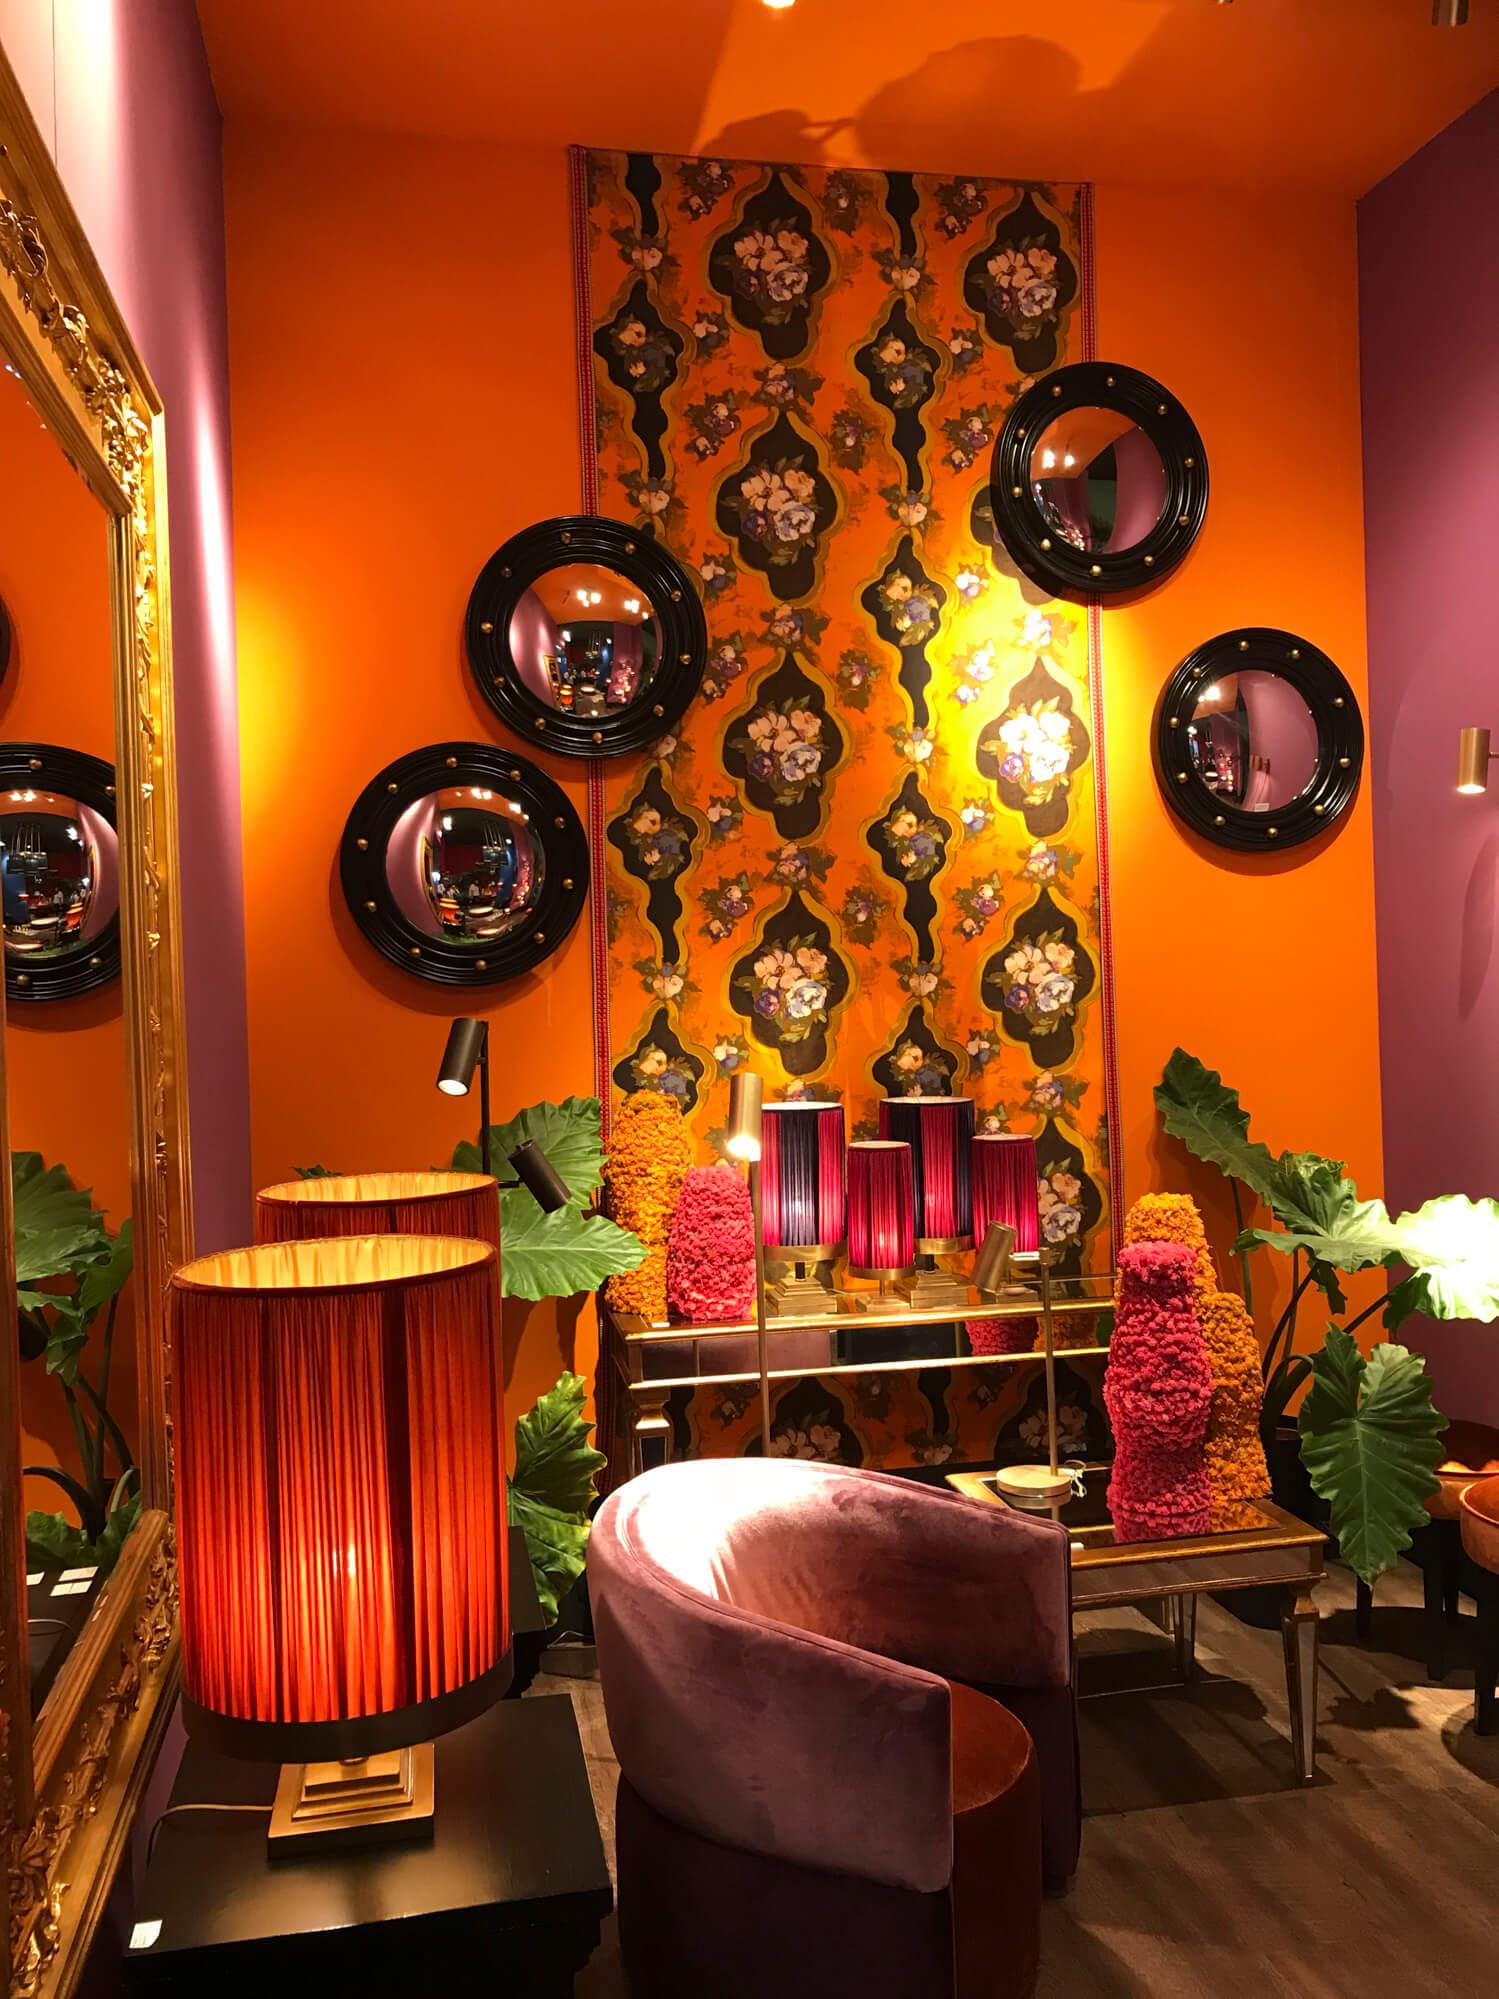 Herbst Interieur in warmen Farben Tipps vom Designer